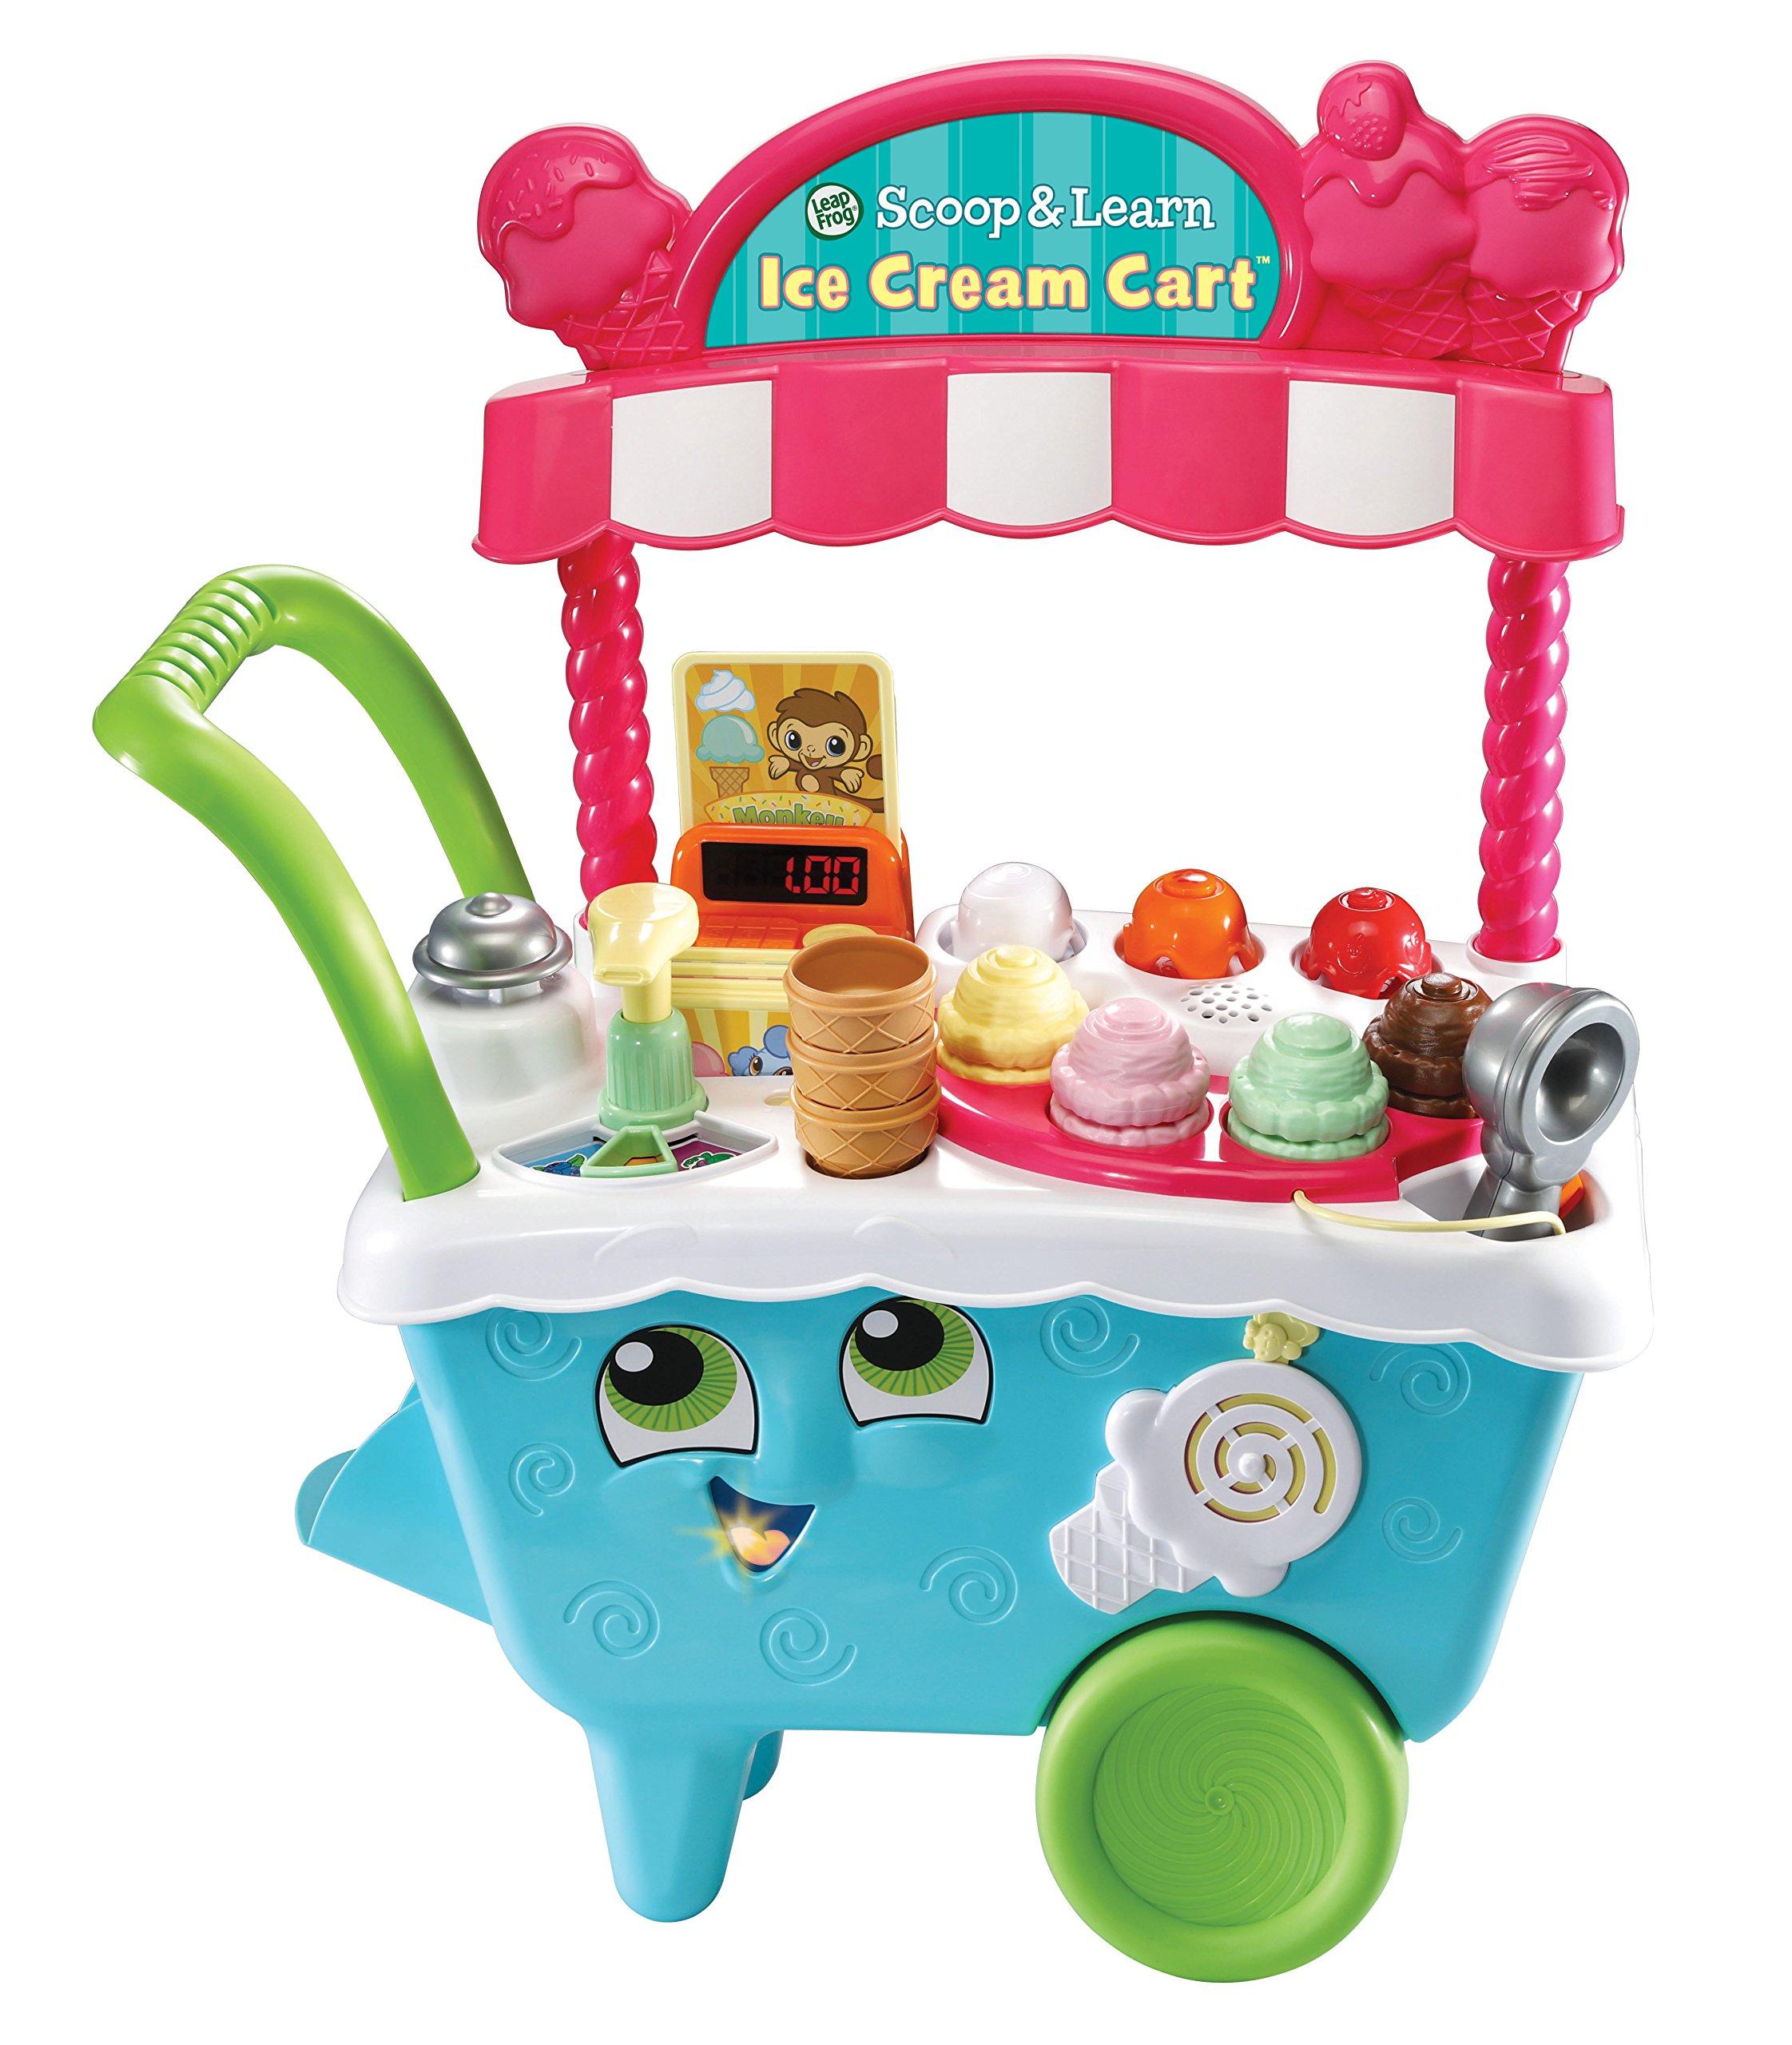 LeapFrog Scoop & Learn Ice Cream Cart by LeapFrog